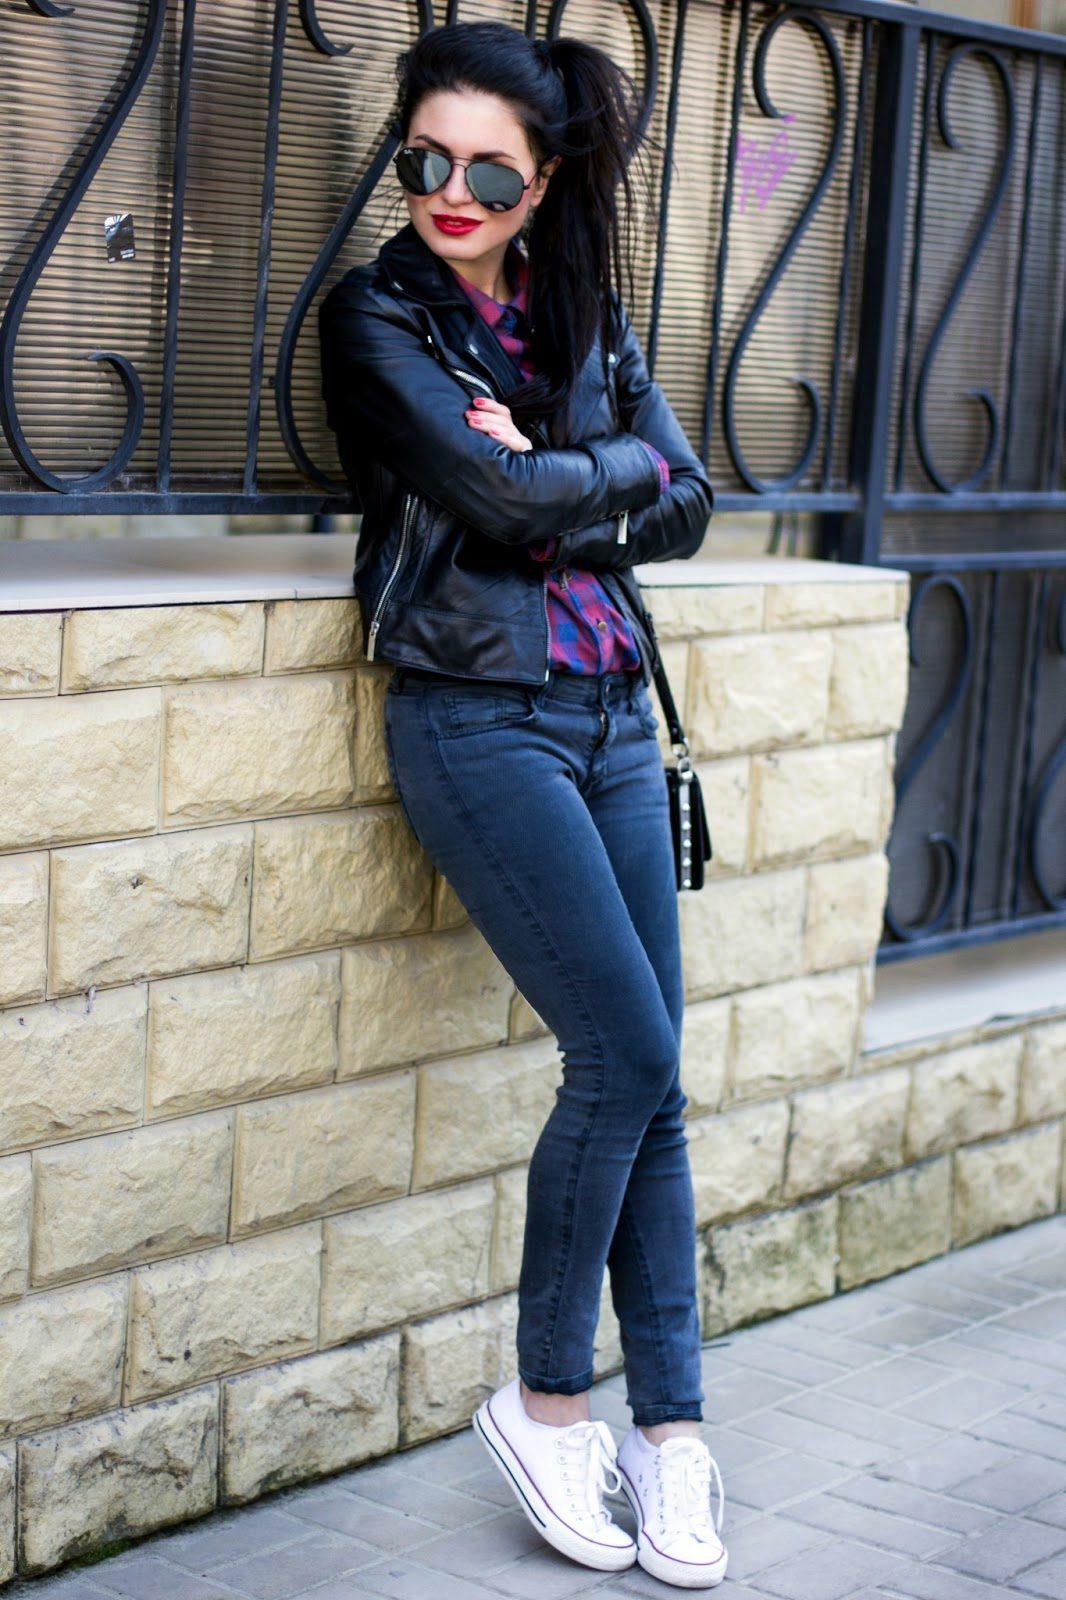 Фотосессия девушек брюнеток в джинсах 6 фотография